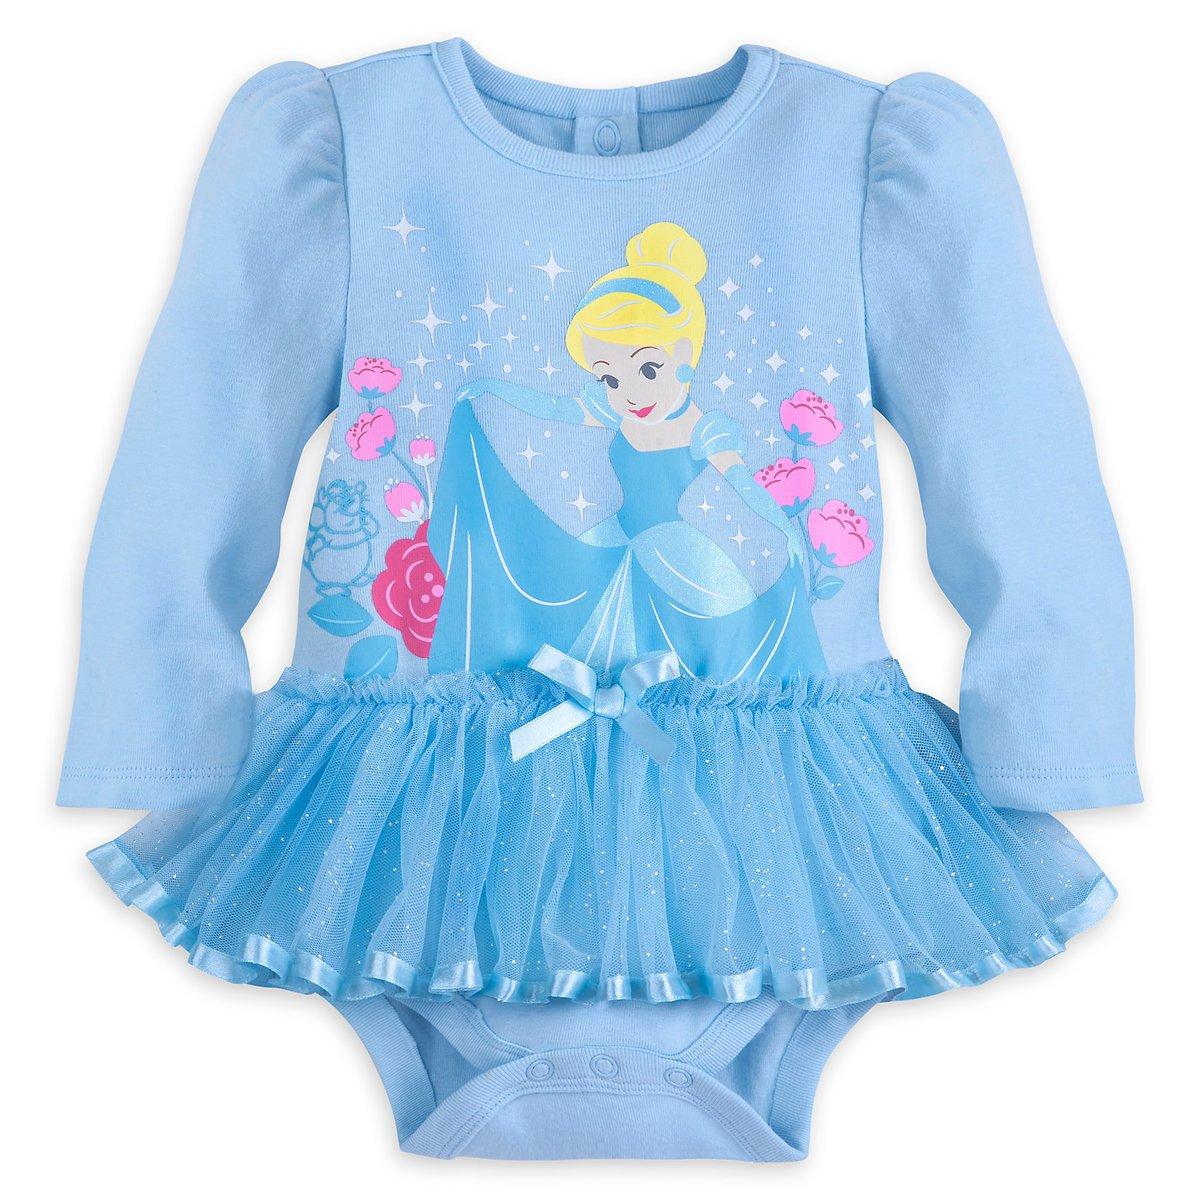 Disney Store Cinderella Blue Baby Bodysuit 0-3 Months